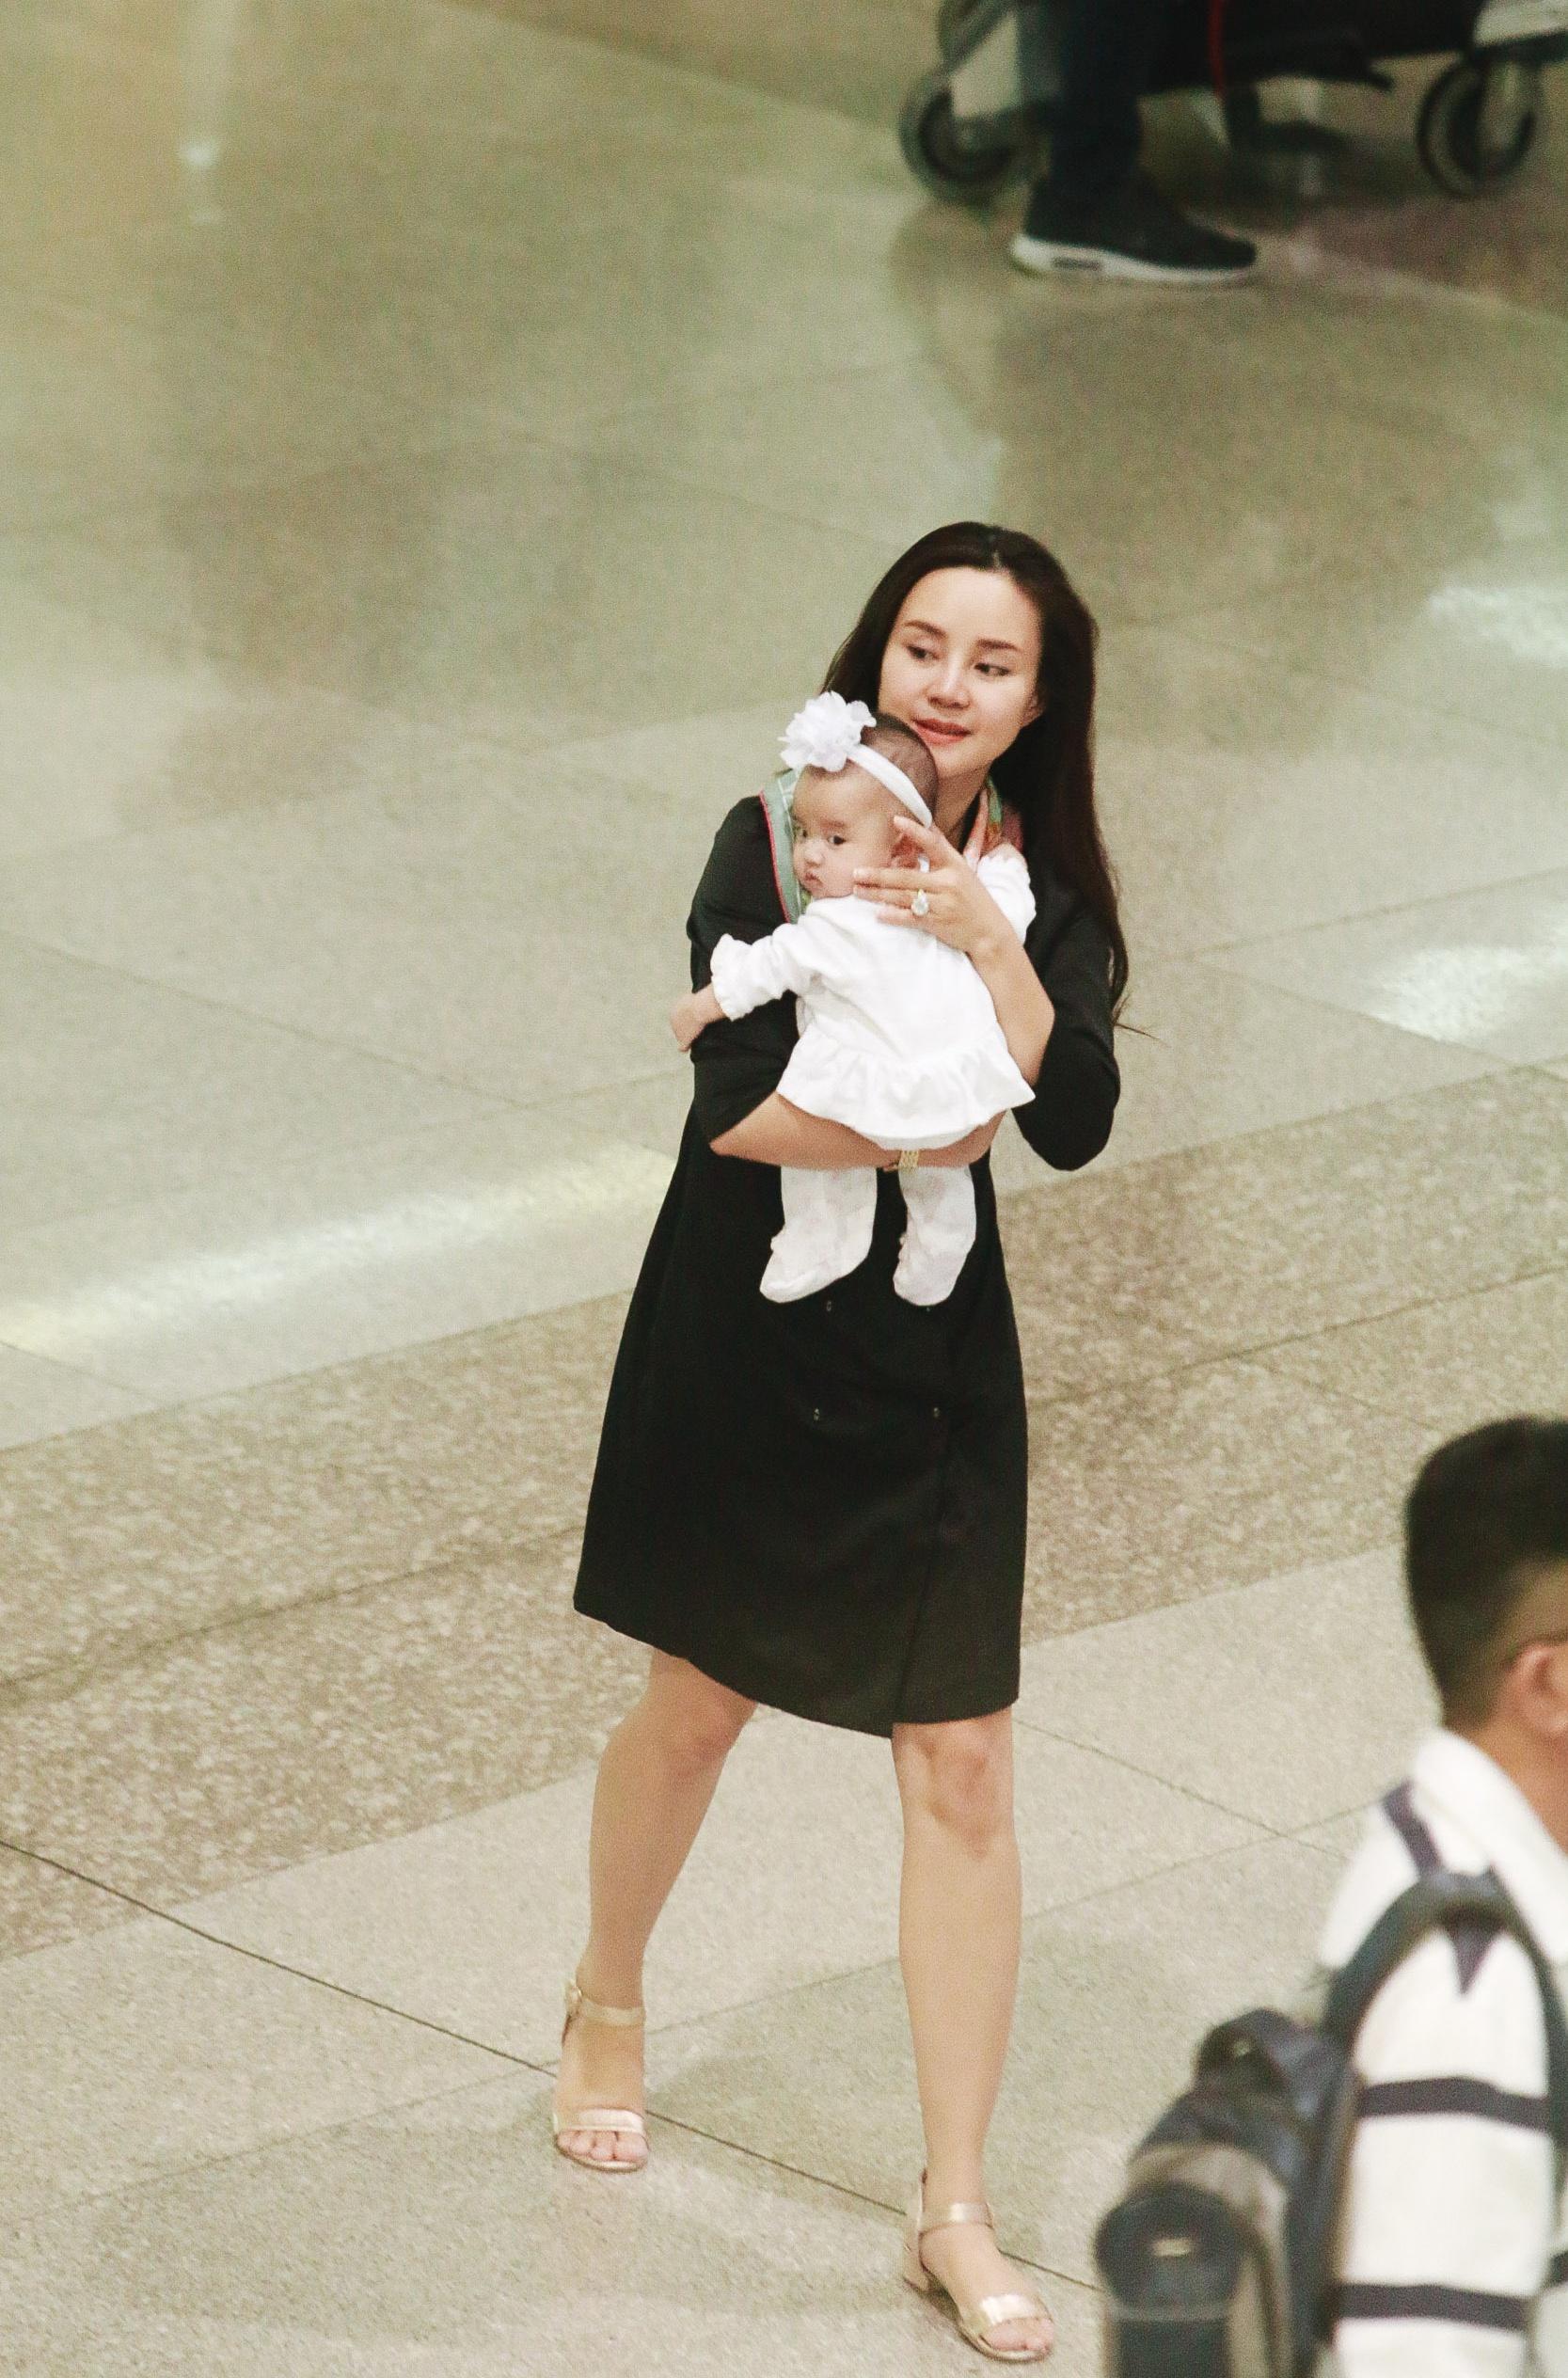 Vy Oanh lần đầu công khai lộ diện với ông xã, cả gia đình cùng trở về từ Mỹ thăm mẹ ốm nặng - Ảnh 2.